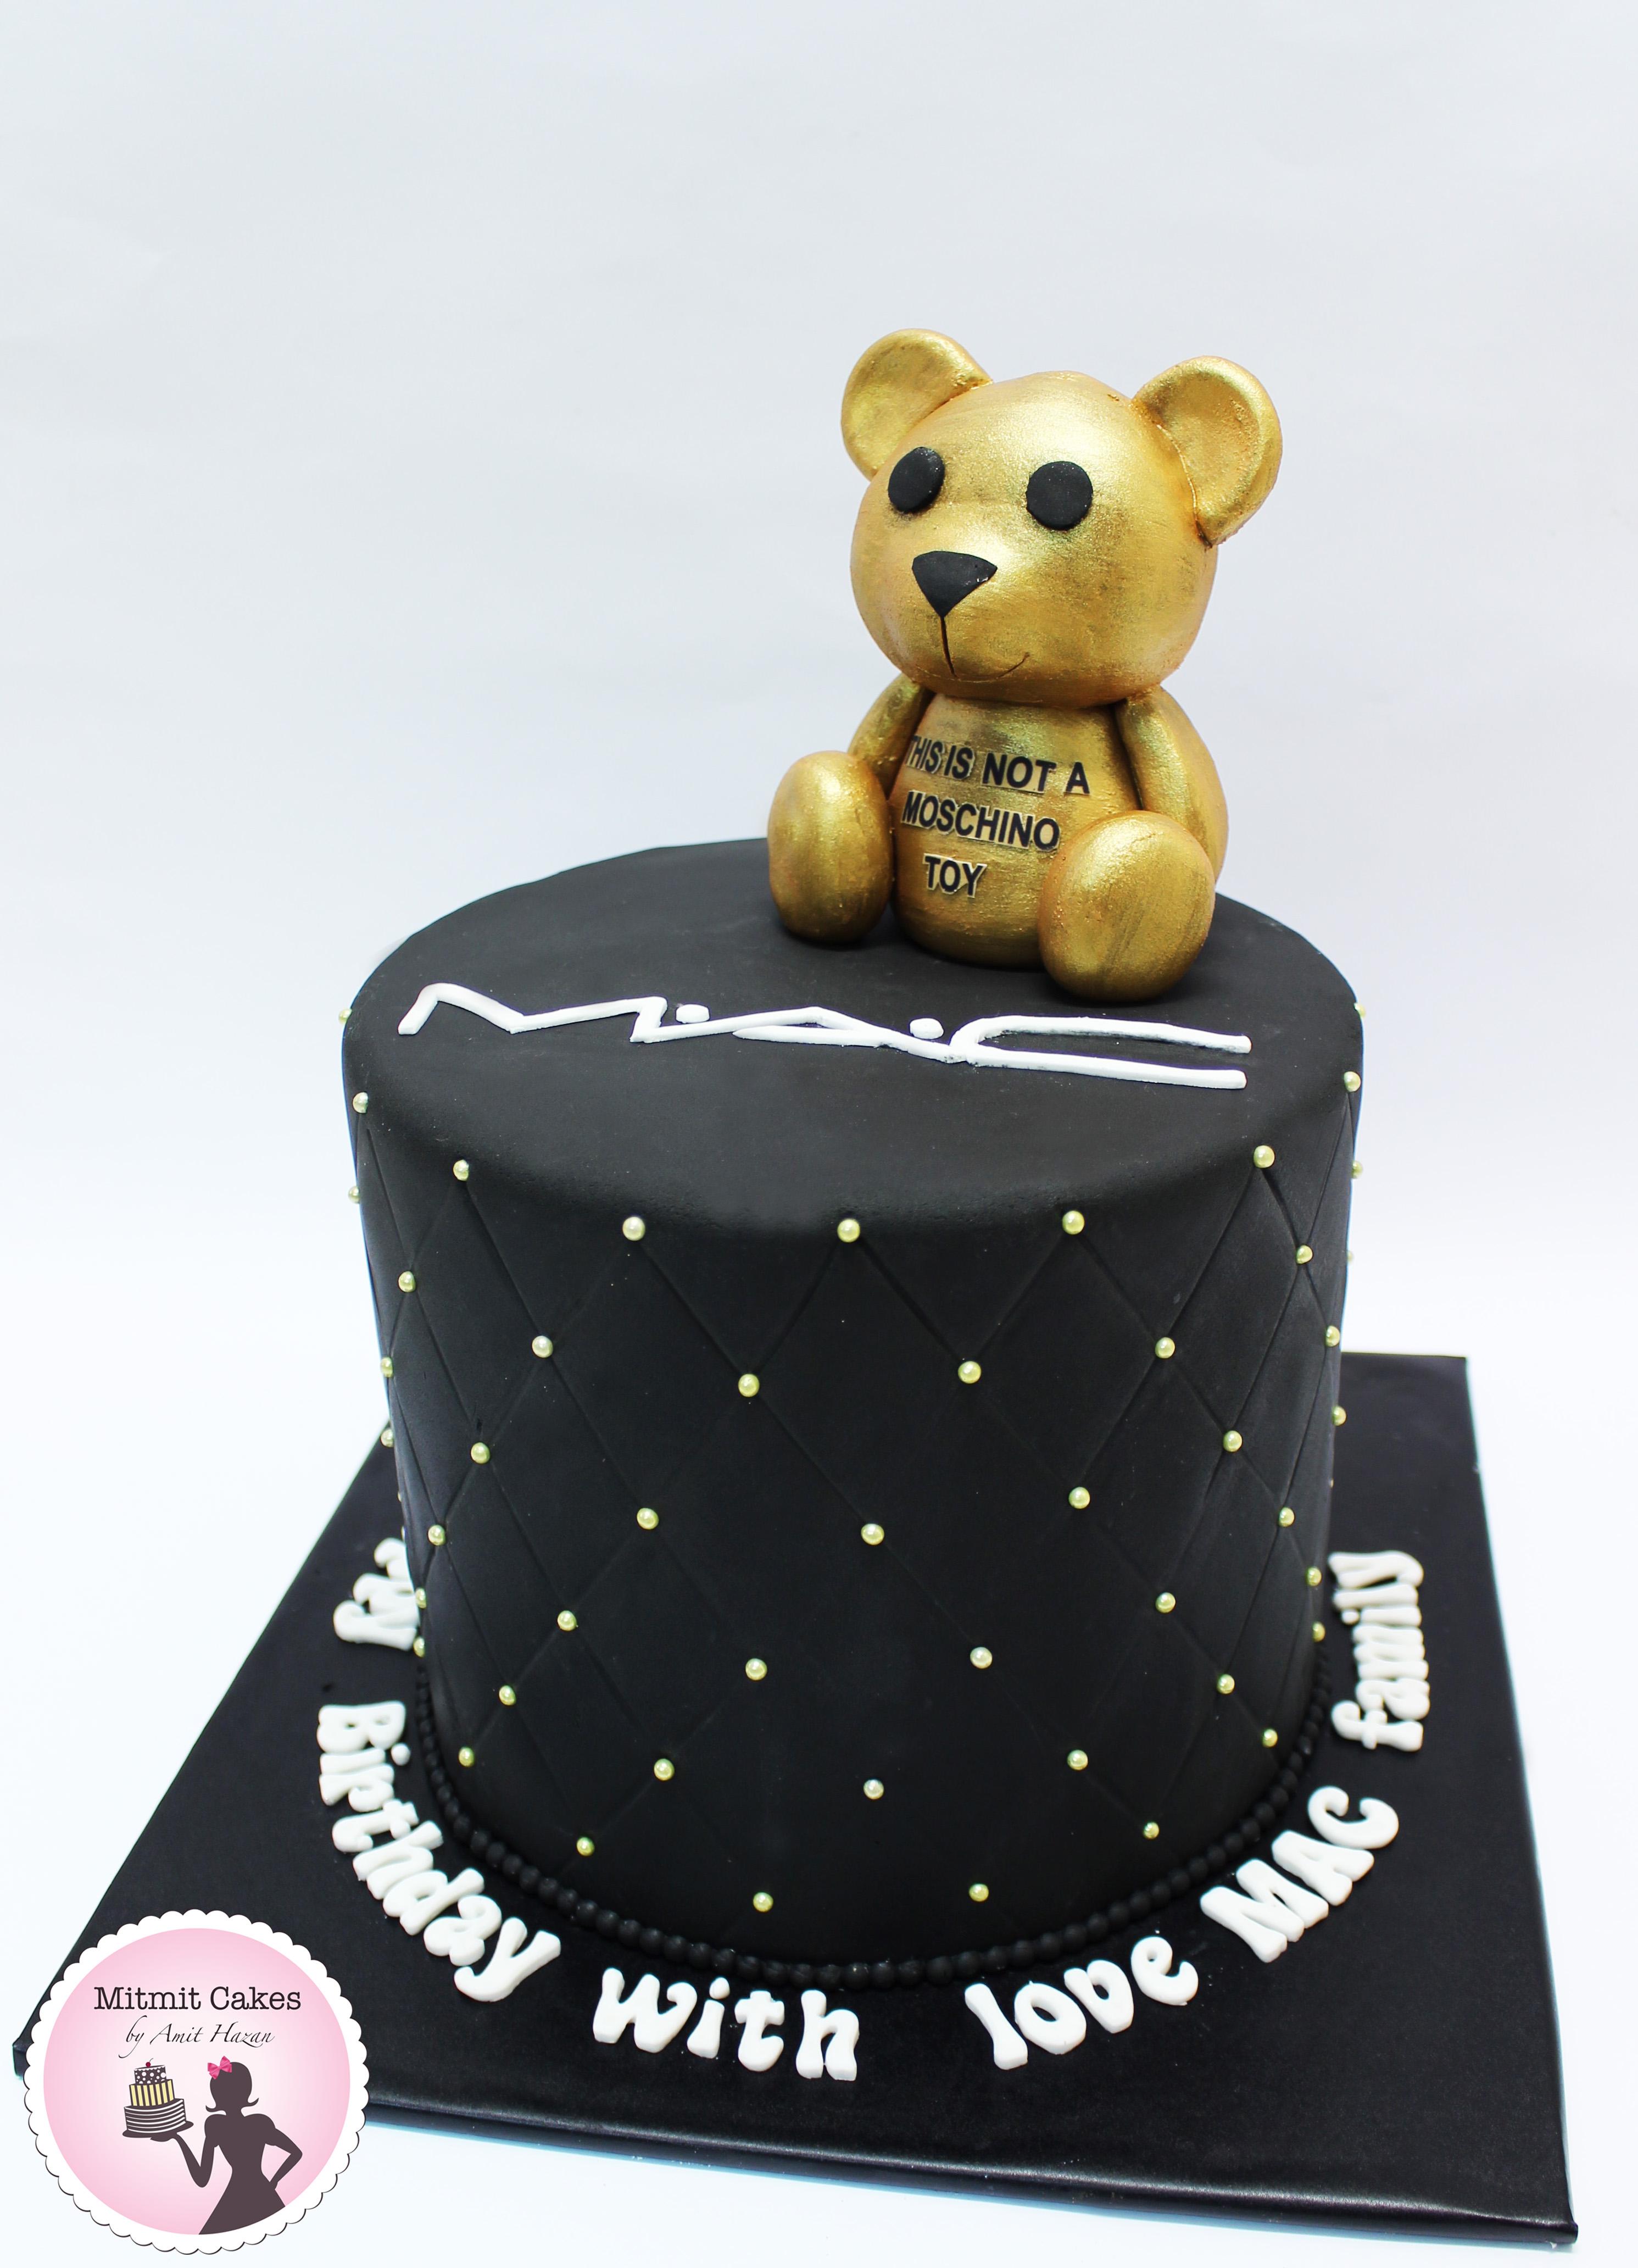 עוגה לחברת MAC